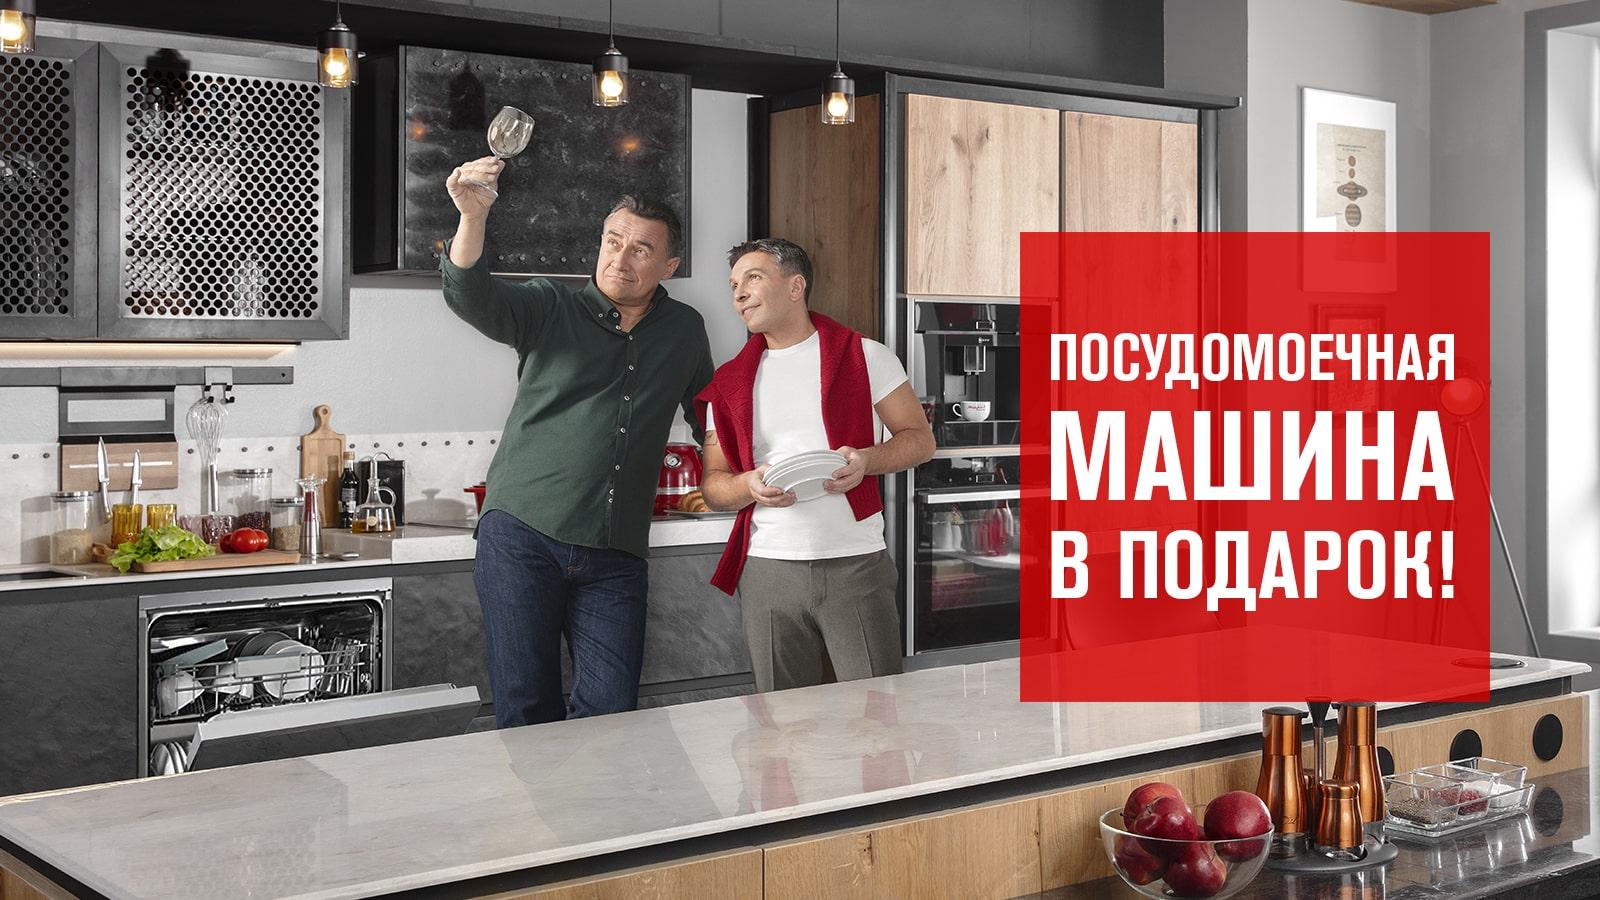 Посудомоечная машина в подарок!